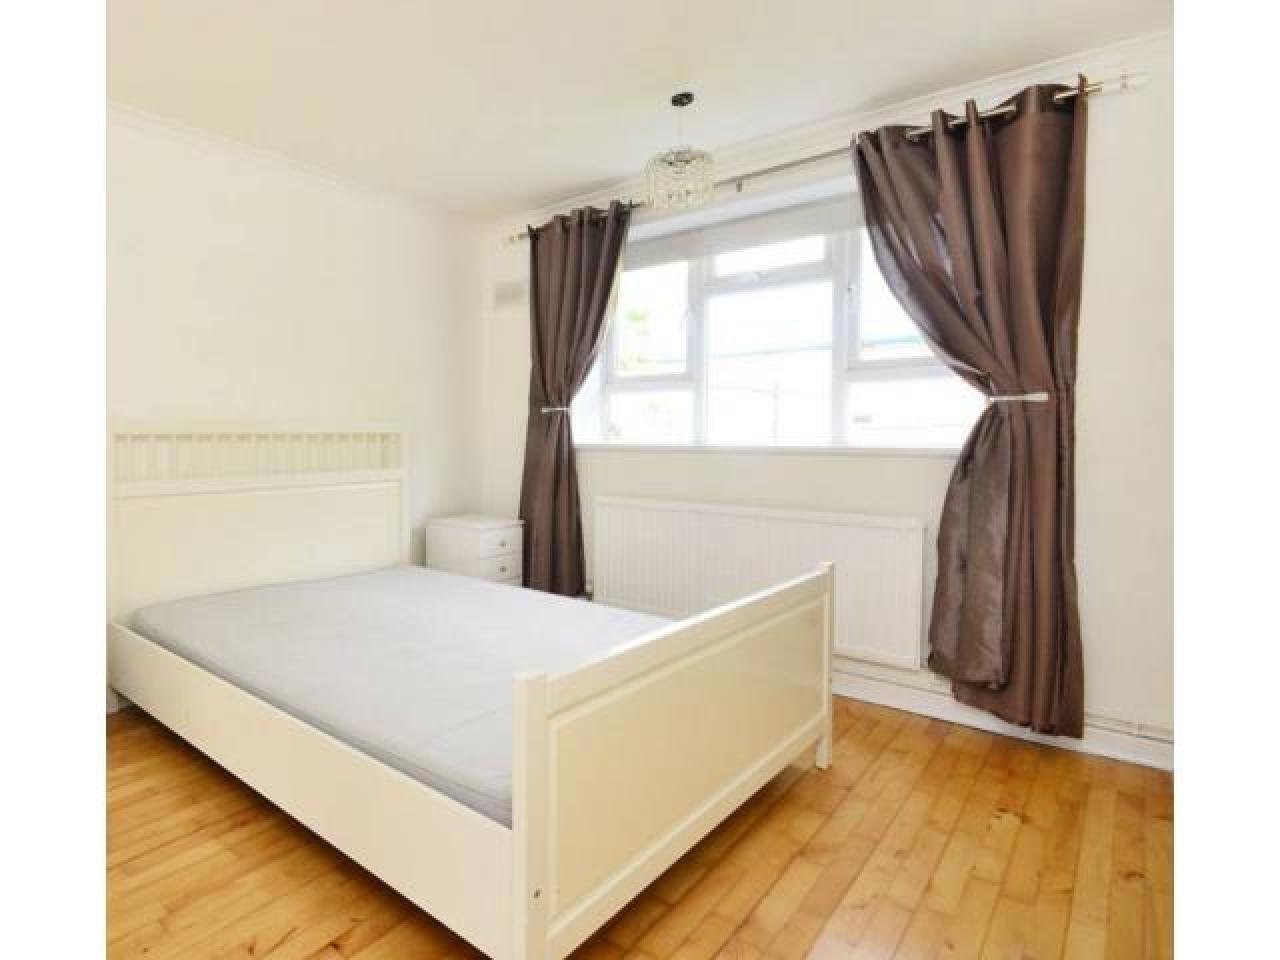 Сдается уютная single  комната в квартире в красивом и спокойном районе на Putney SW15 6AG. - 4